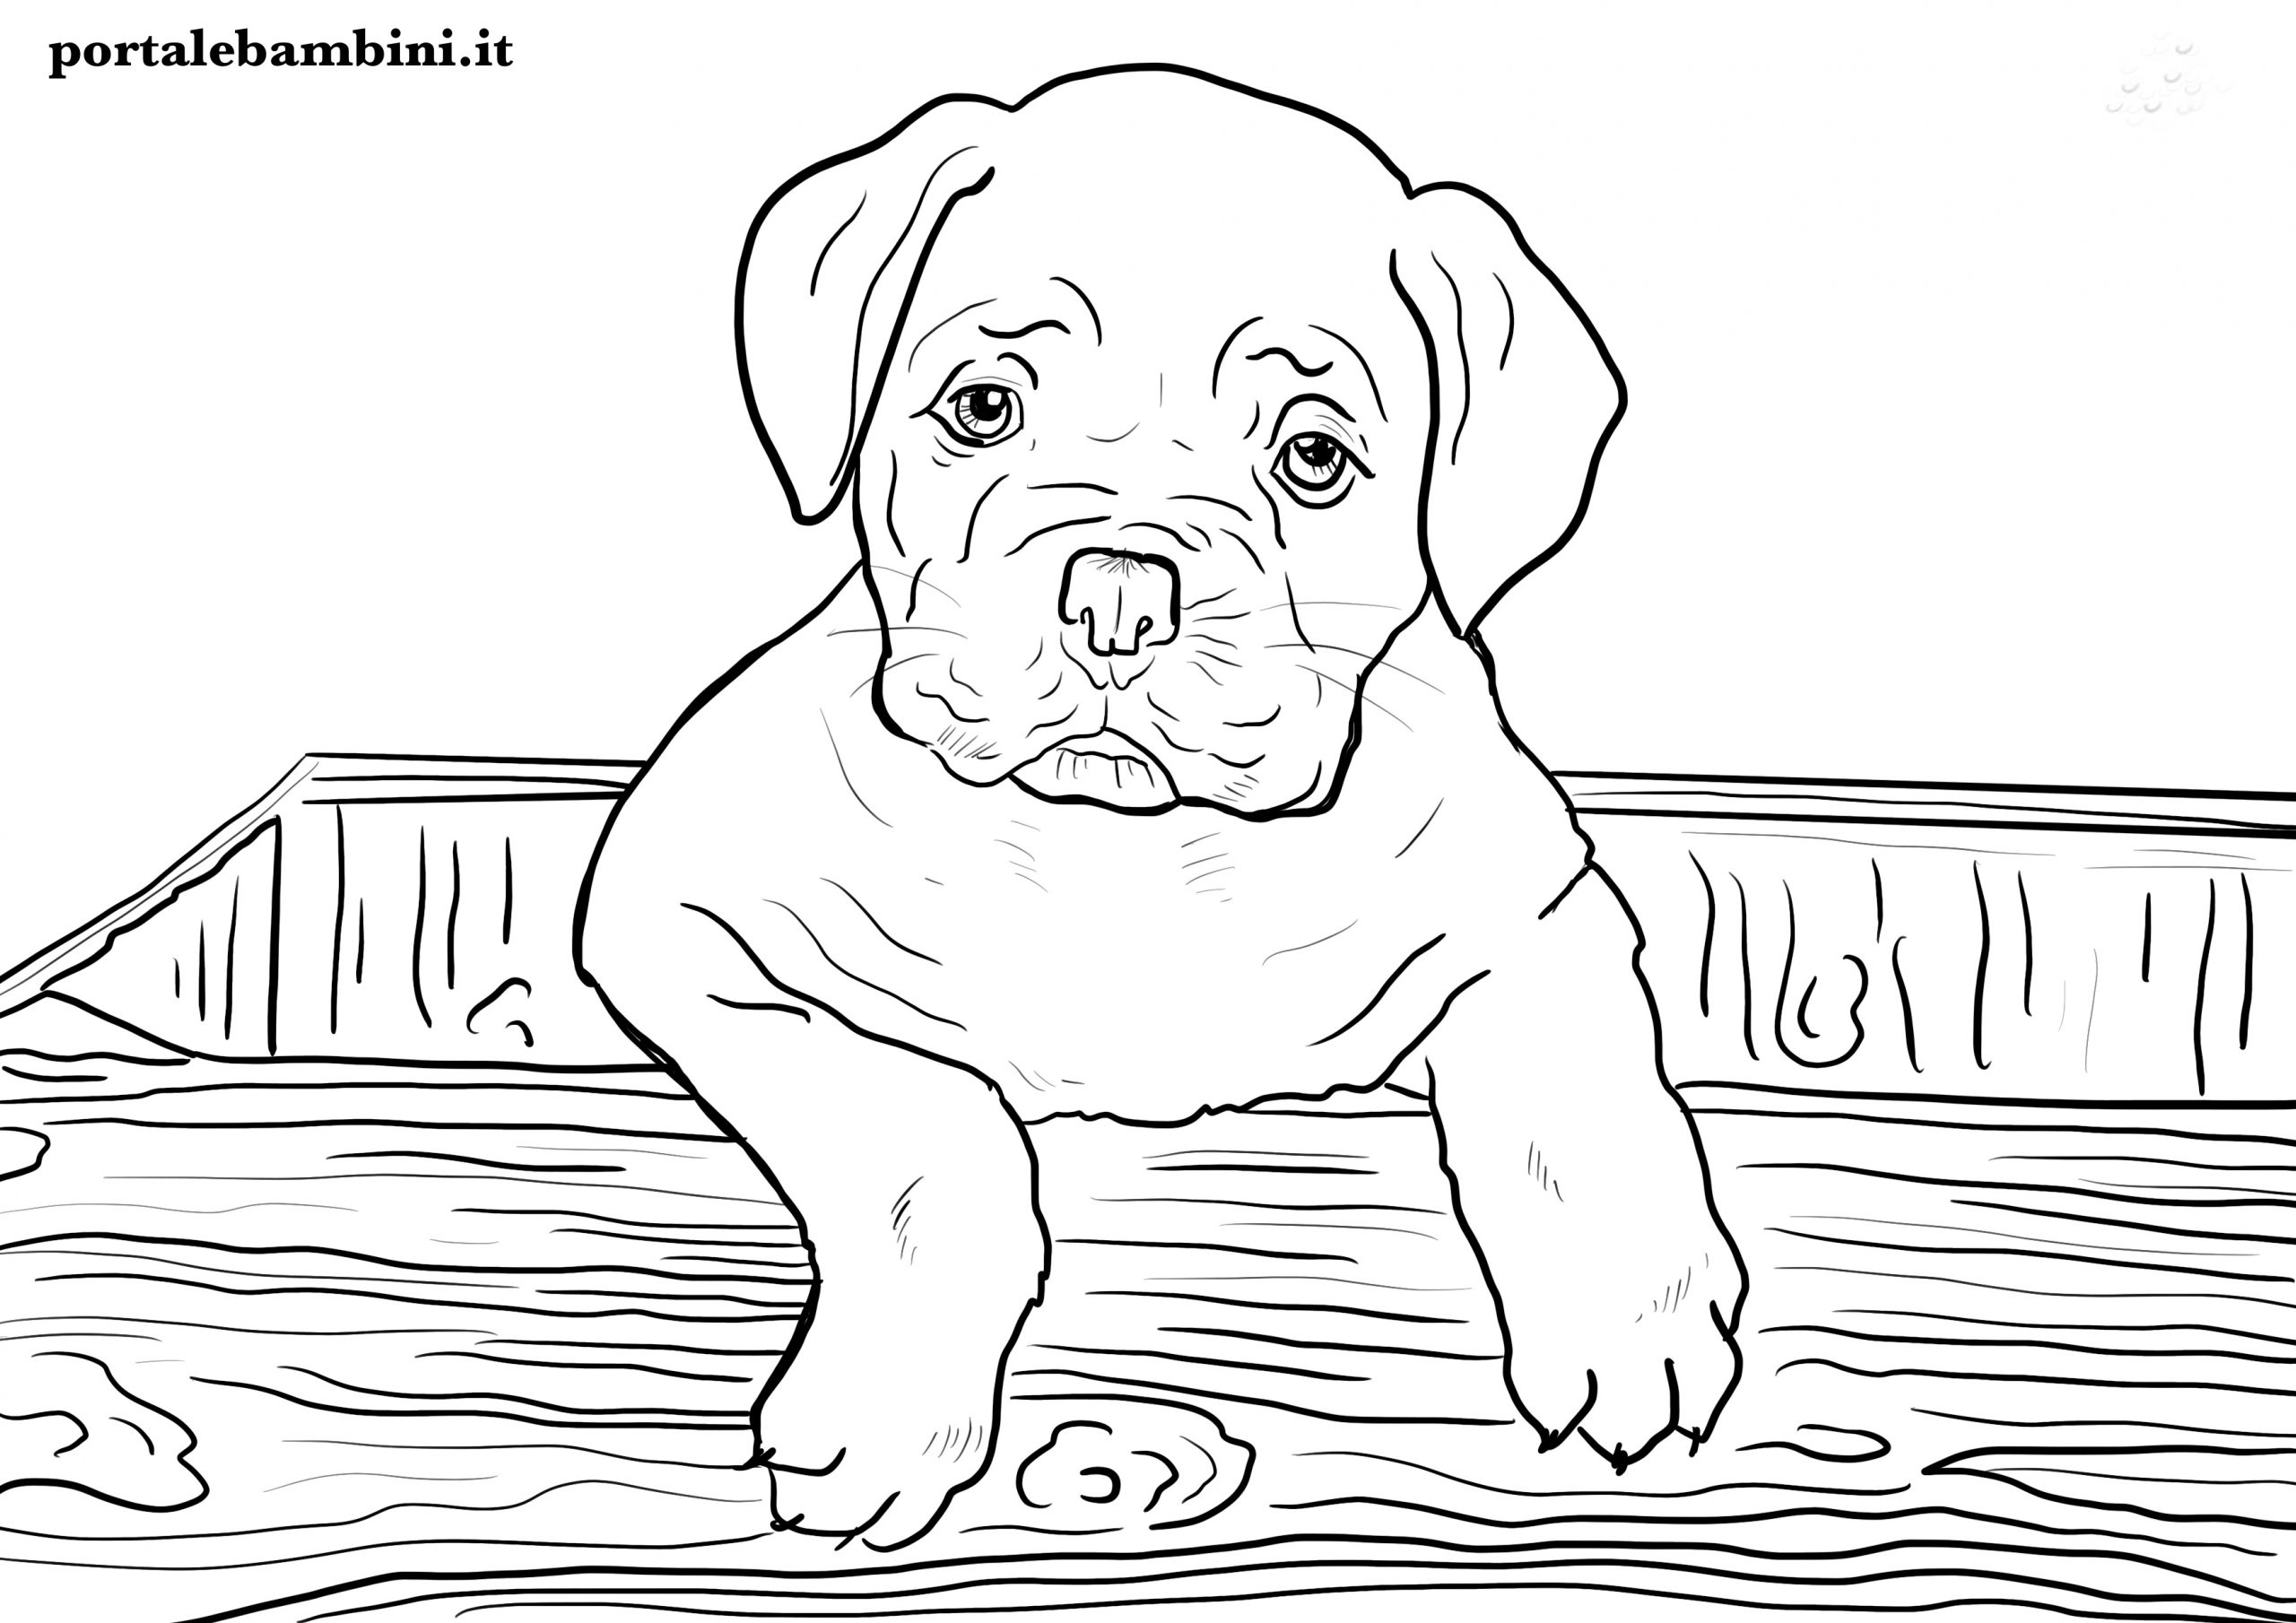 Cani Da Colorare Stampare.Disegni Di Cani Da Colorare Portalebambini It